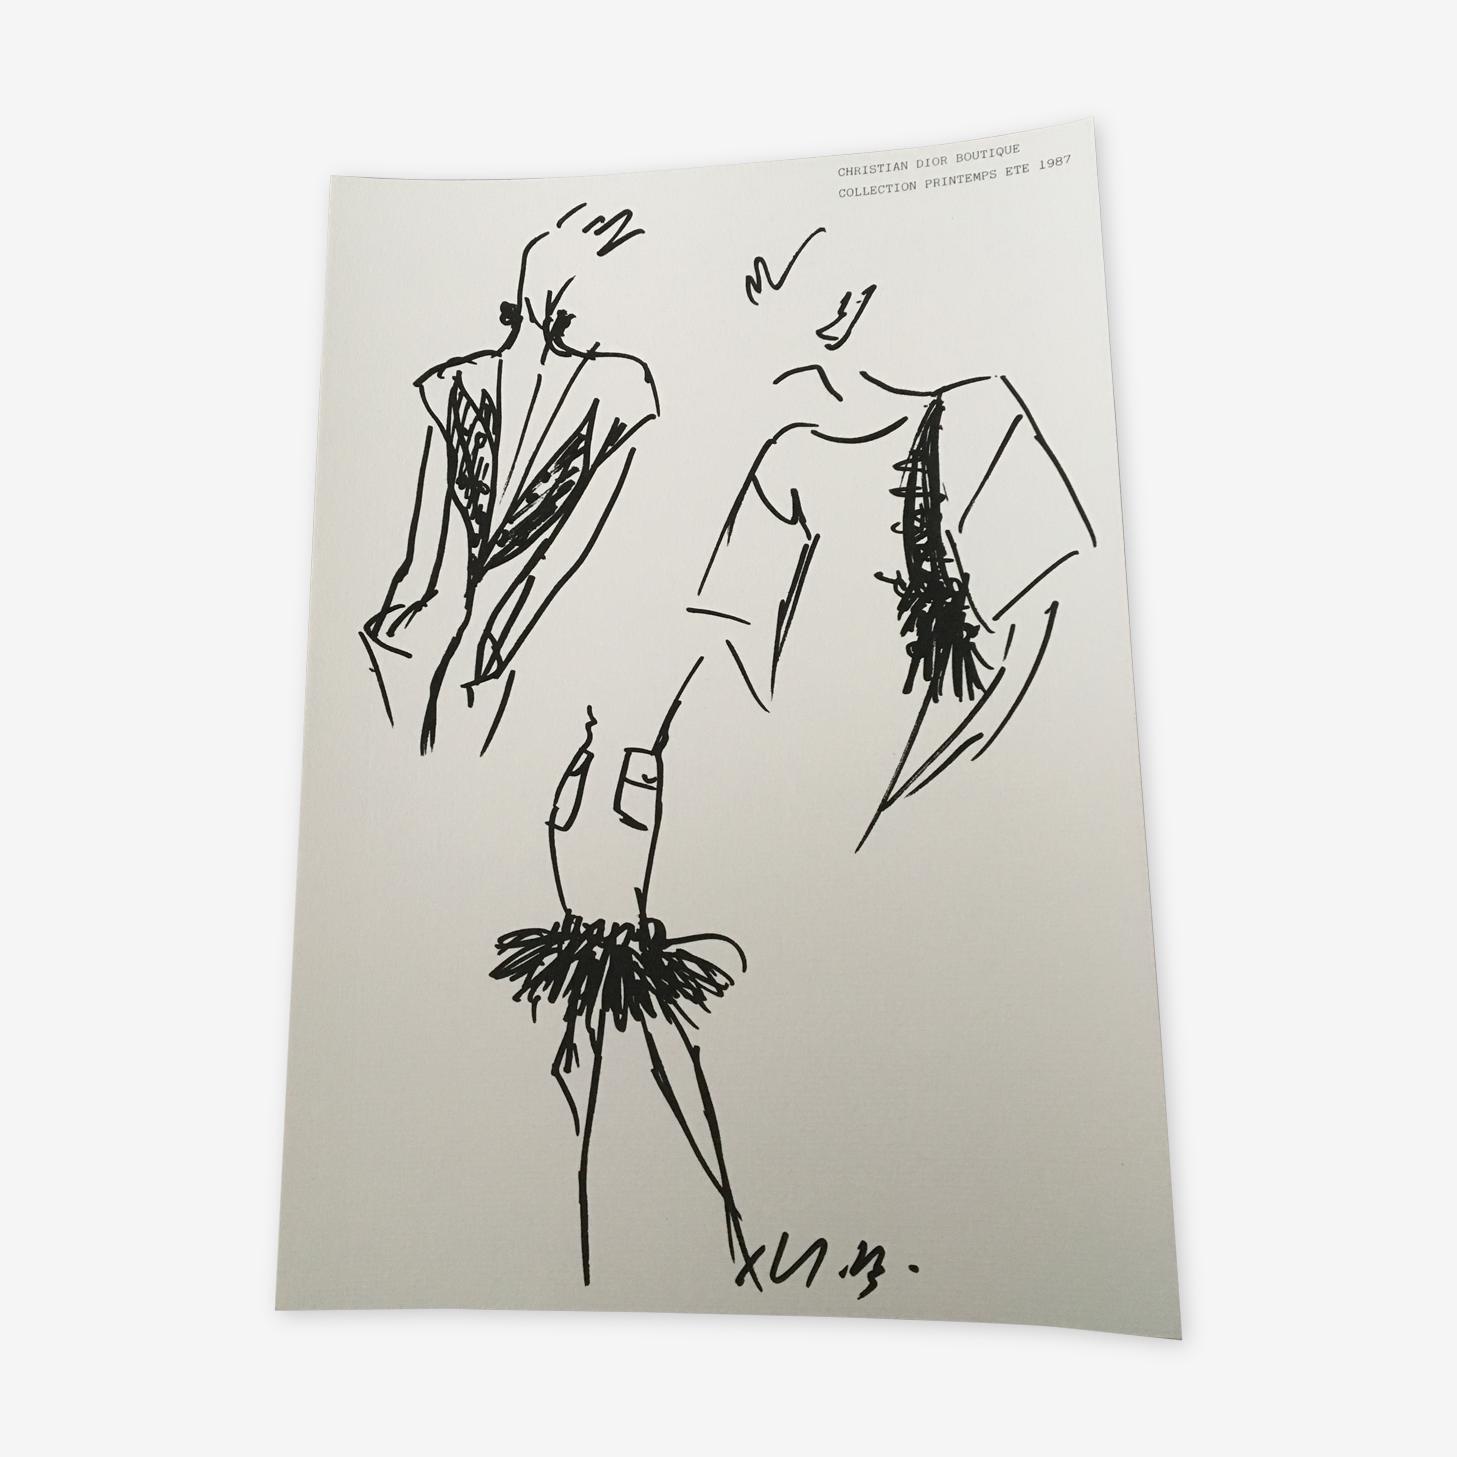 Illustration et photographie de mode de presse, Christian Dior fin des années 80